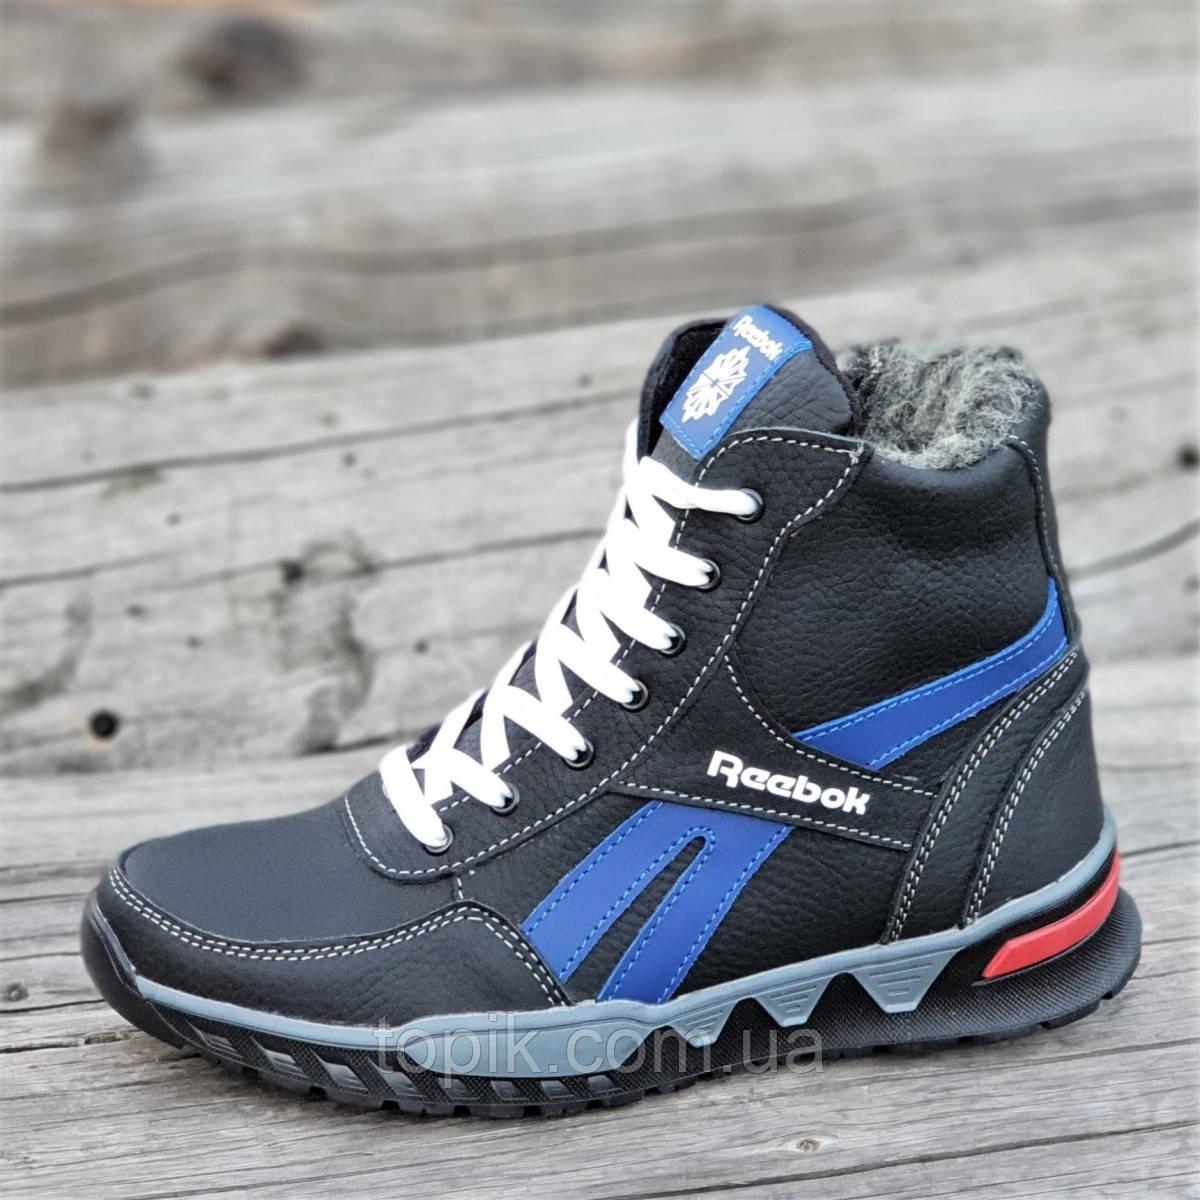 Подростковые зимние высокие кроссовки ботинки Reebok реплика мужские кожаные черные на меху (Код: 1255)